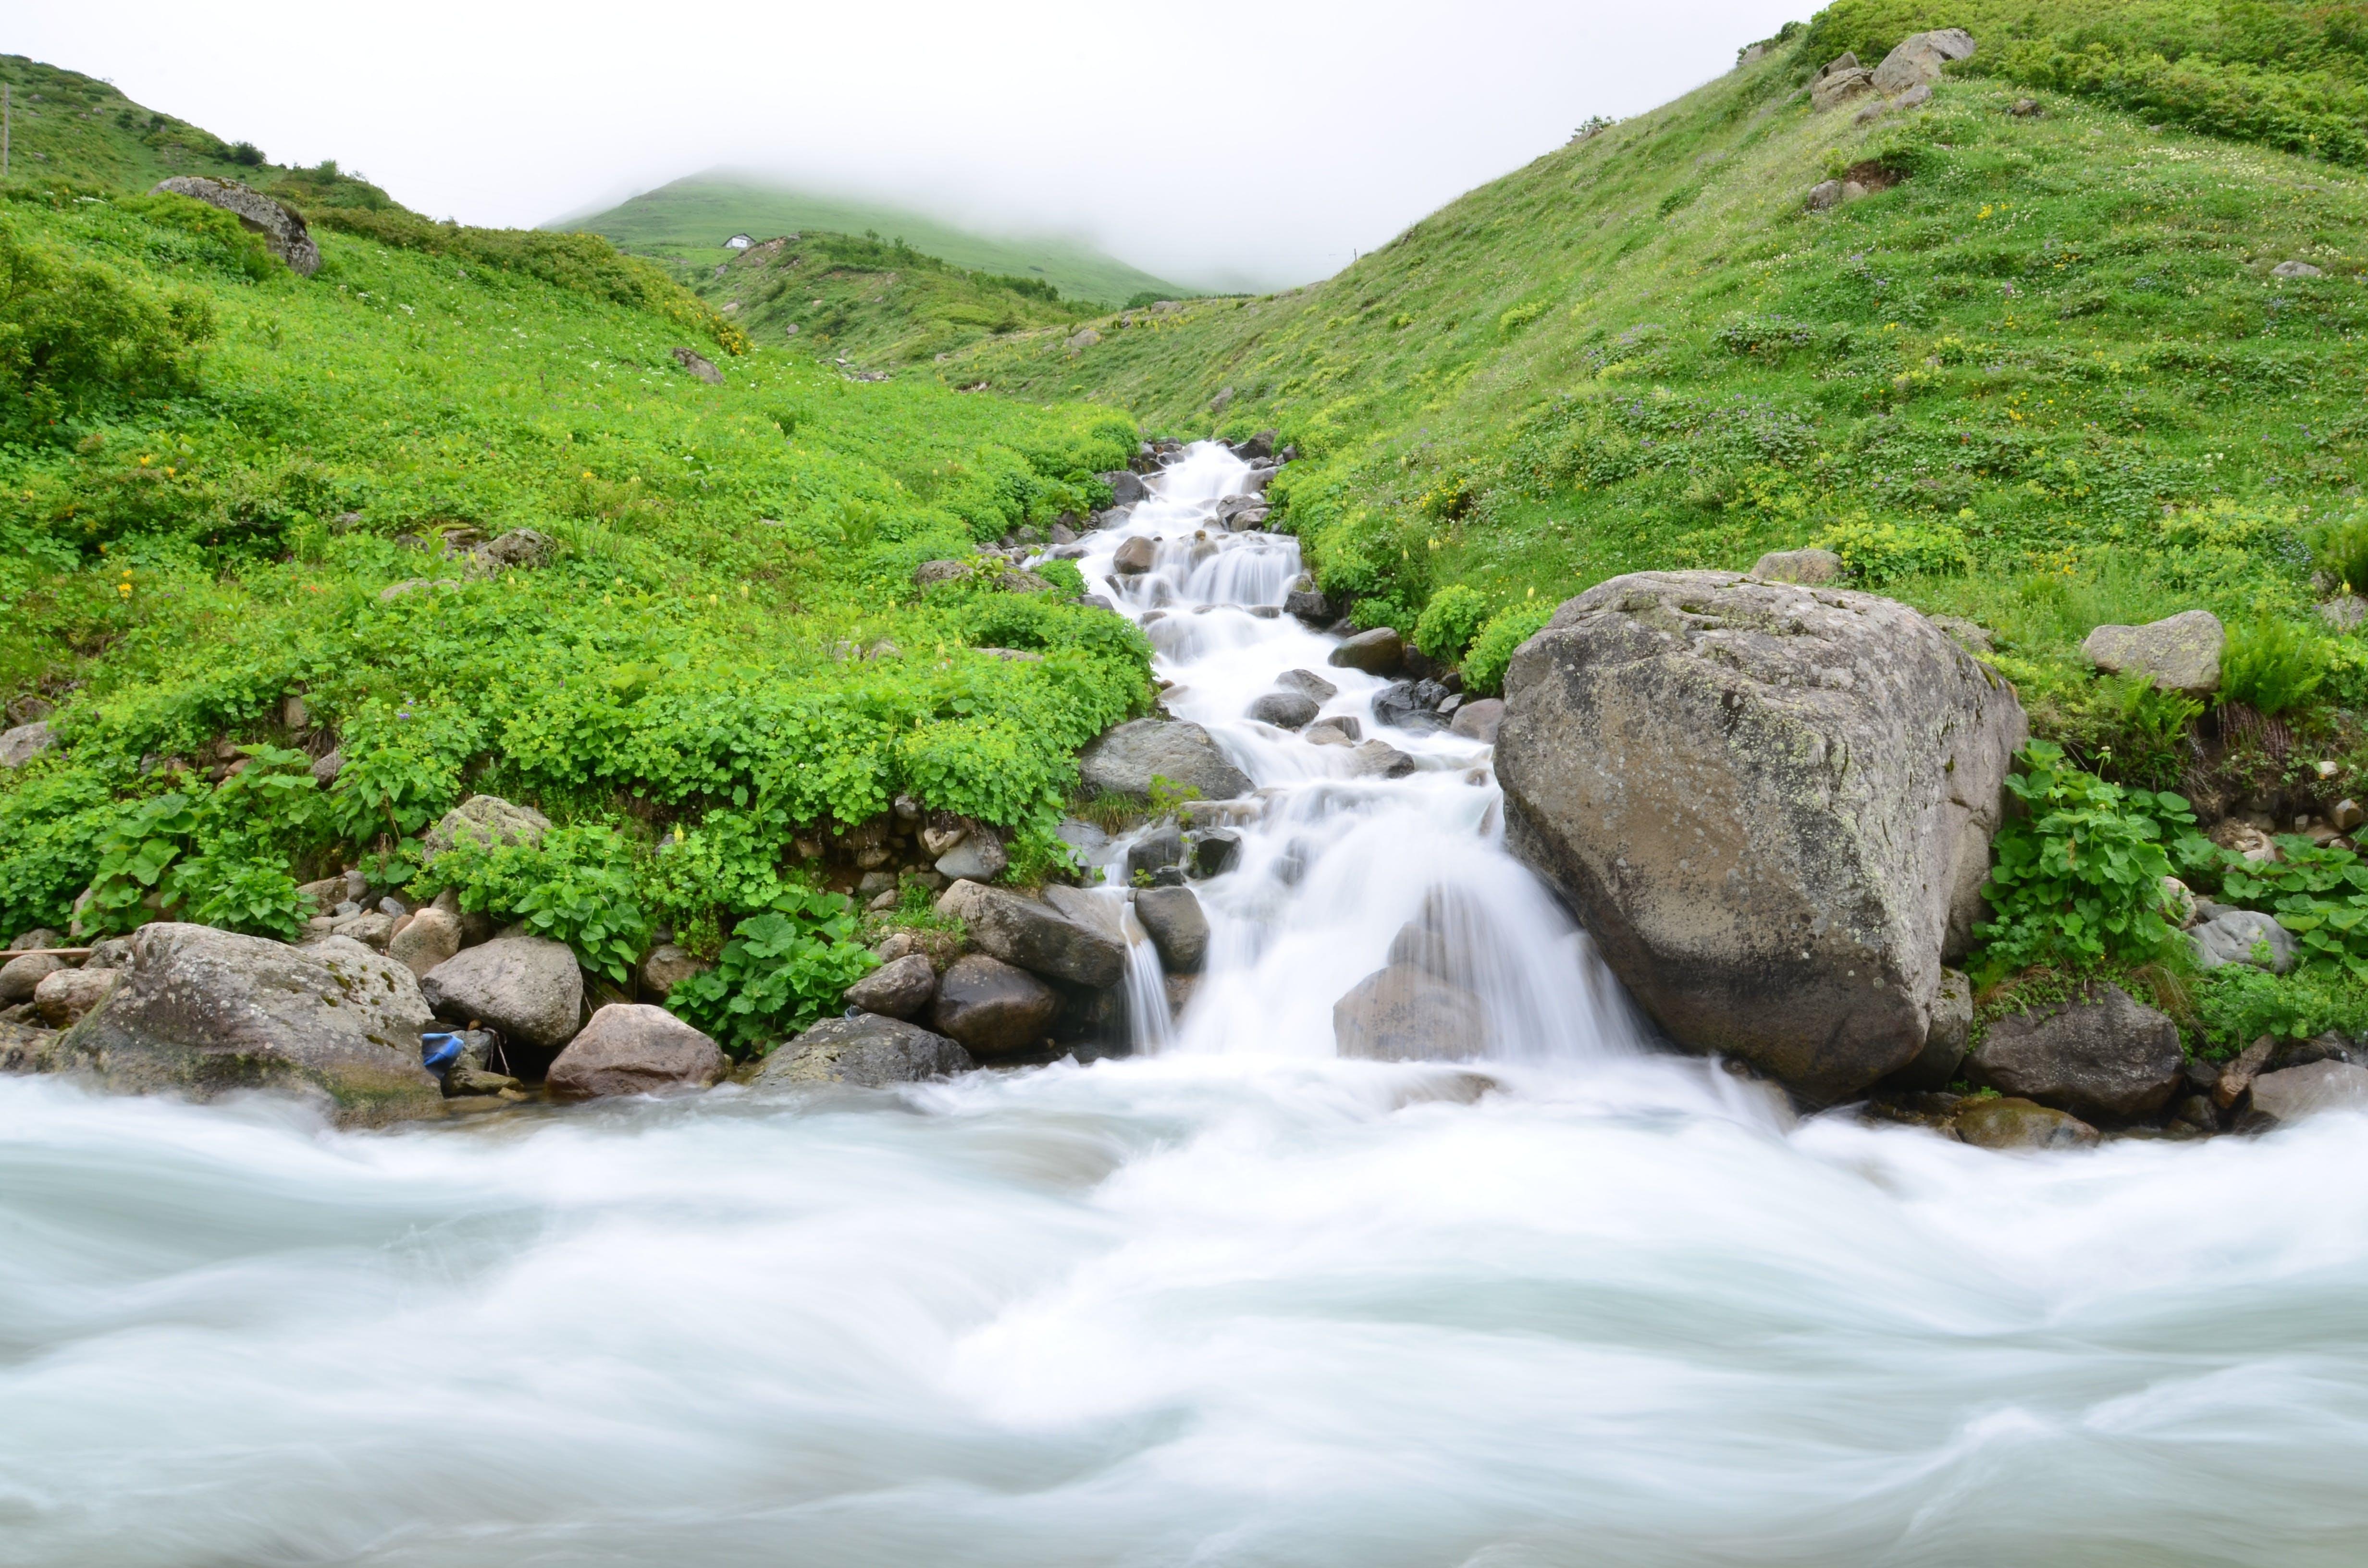 Water Stream Between Grass Fields